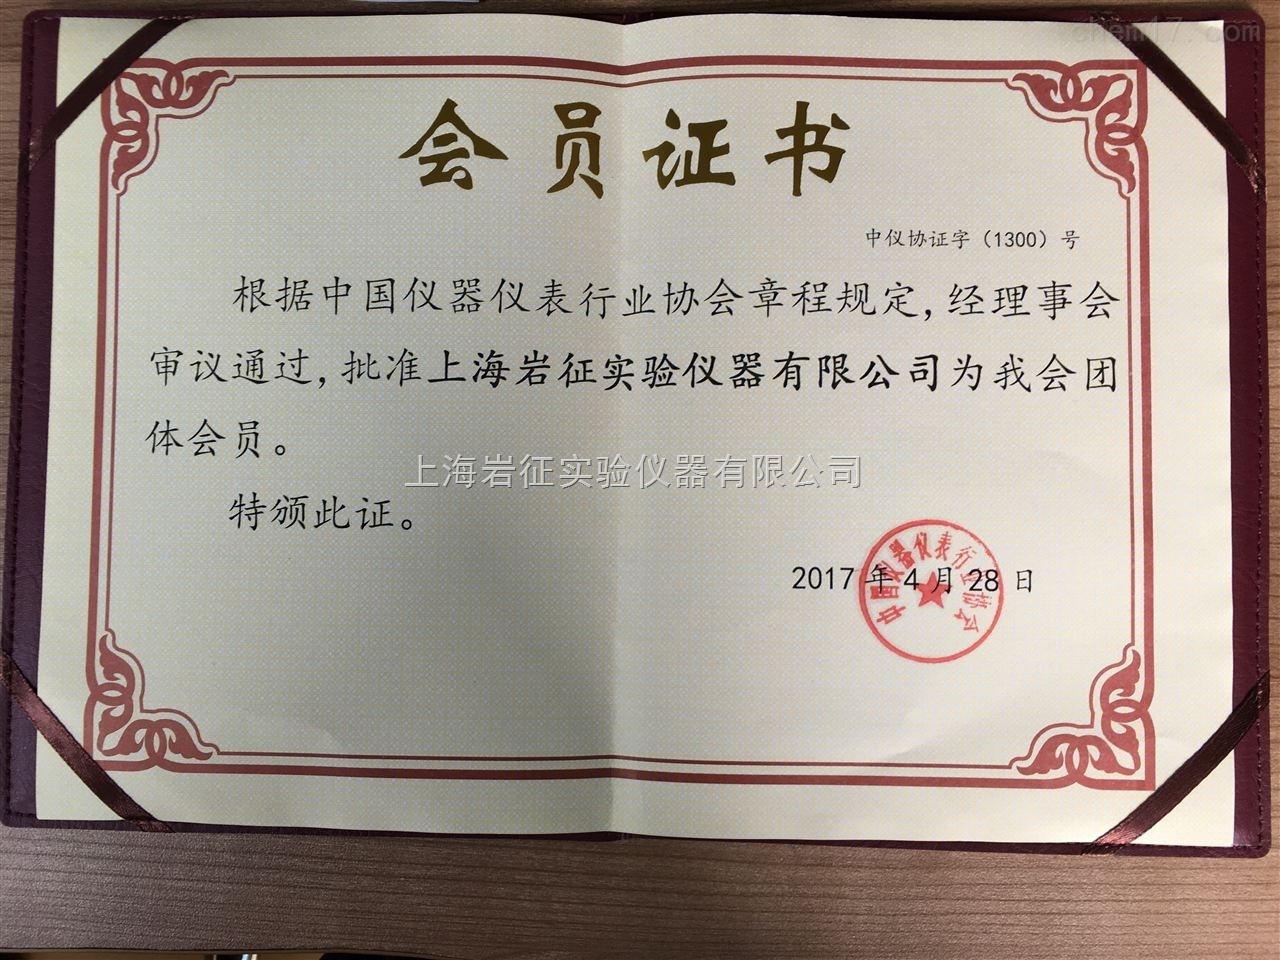 中国仪器仪表行业协会会员证书